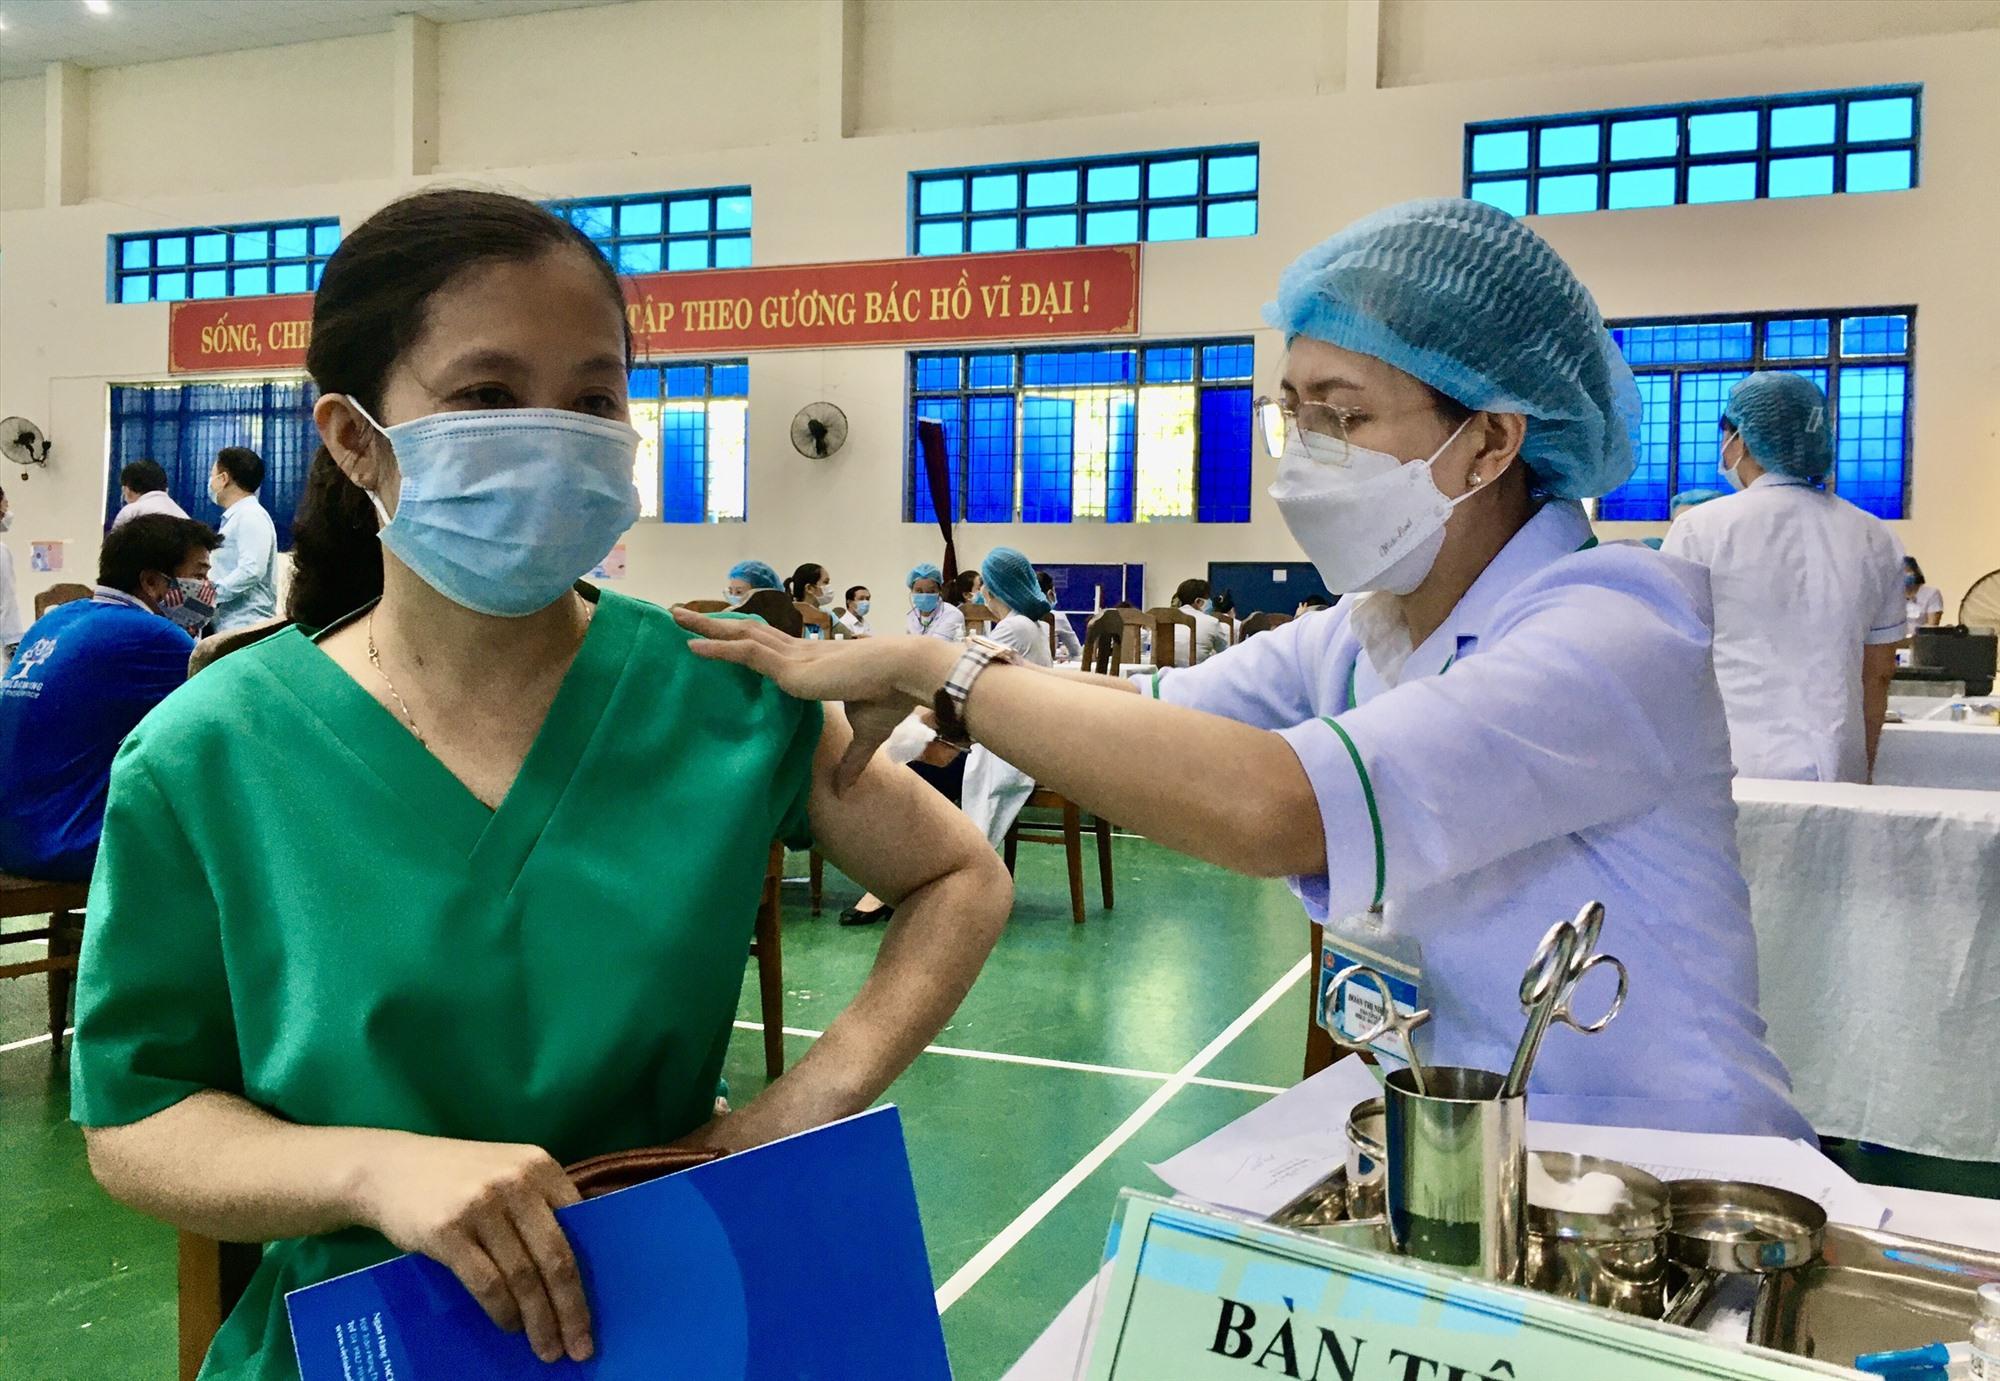 Sở Y tế đã triển khai tiêm vắc xin đợt 3 trong 2 ngày 29 - 30.7.